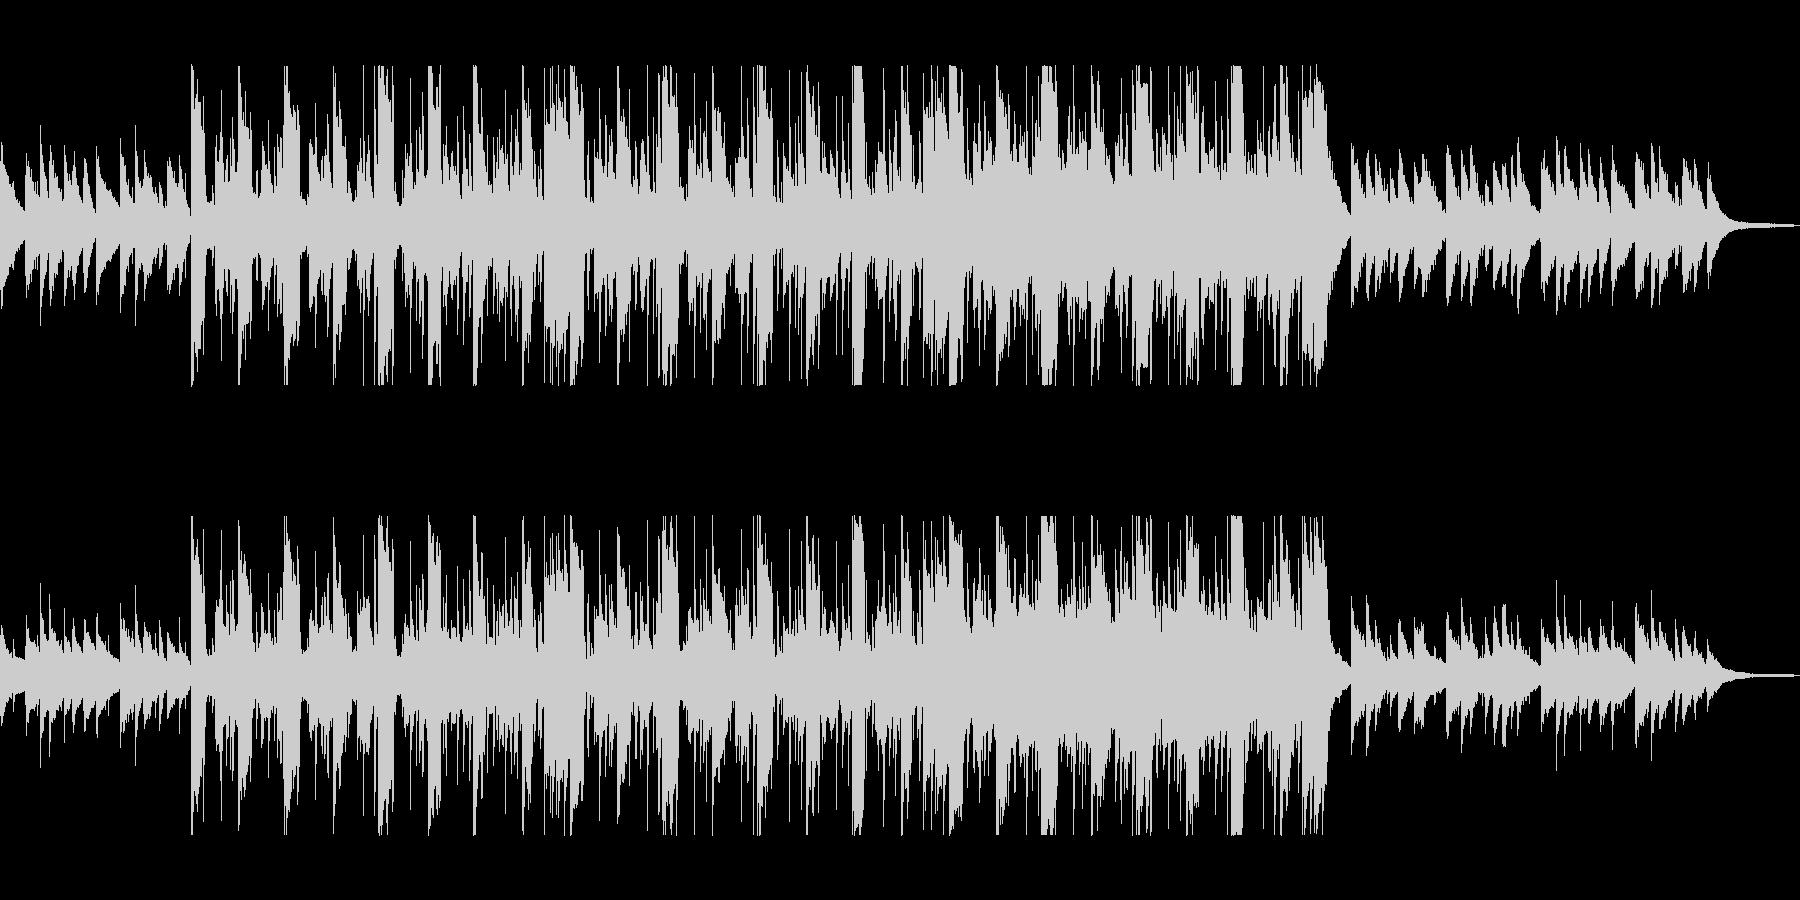 ムーディでメロディアスなピアノサウンドの未再生の波形